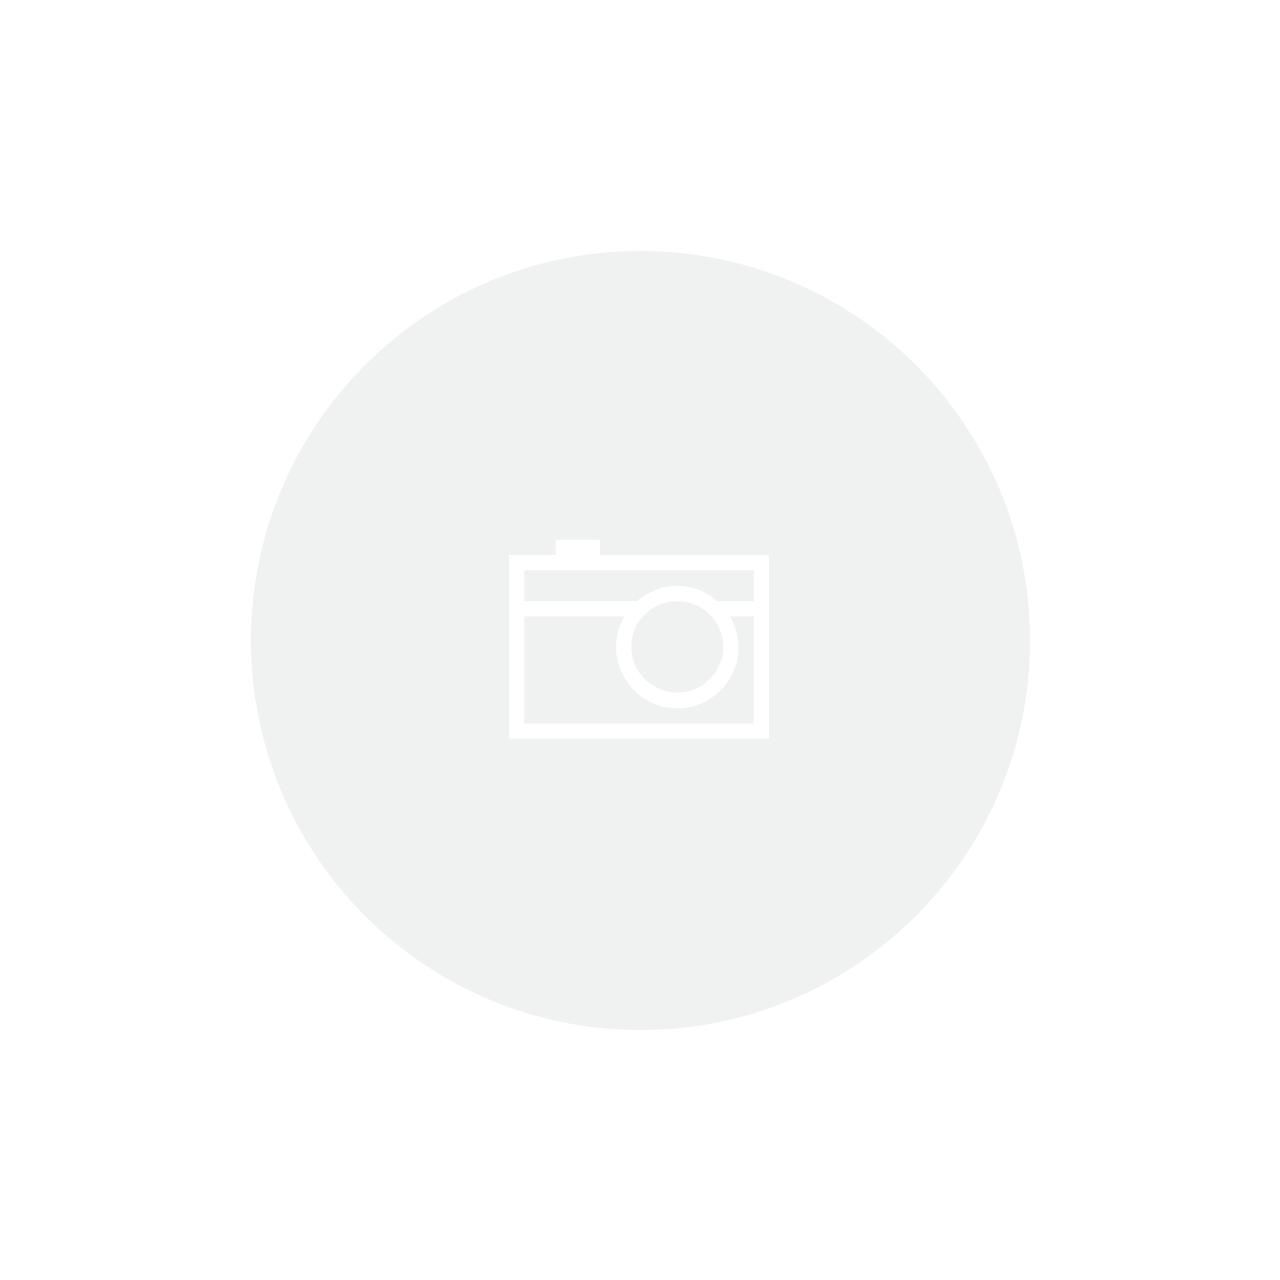 Salton Suco de Uva Integral Tinto 500 mL